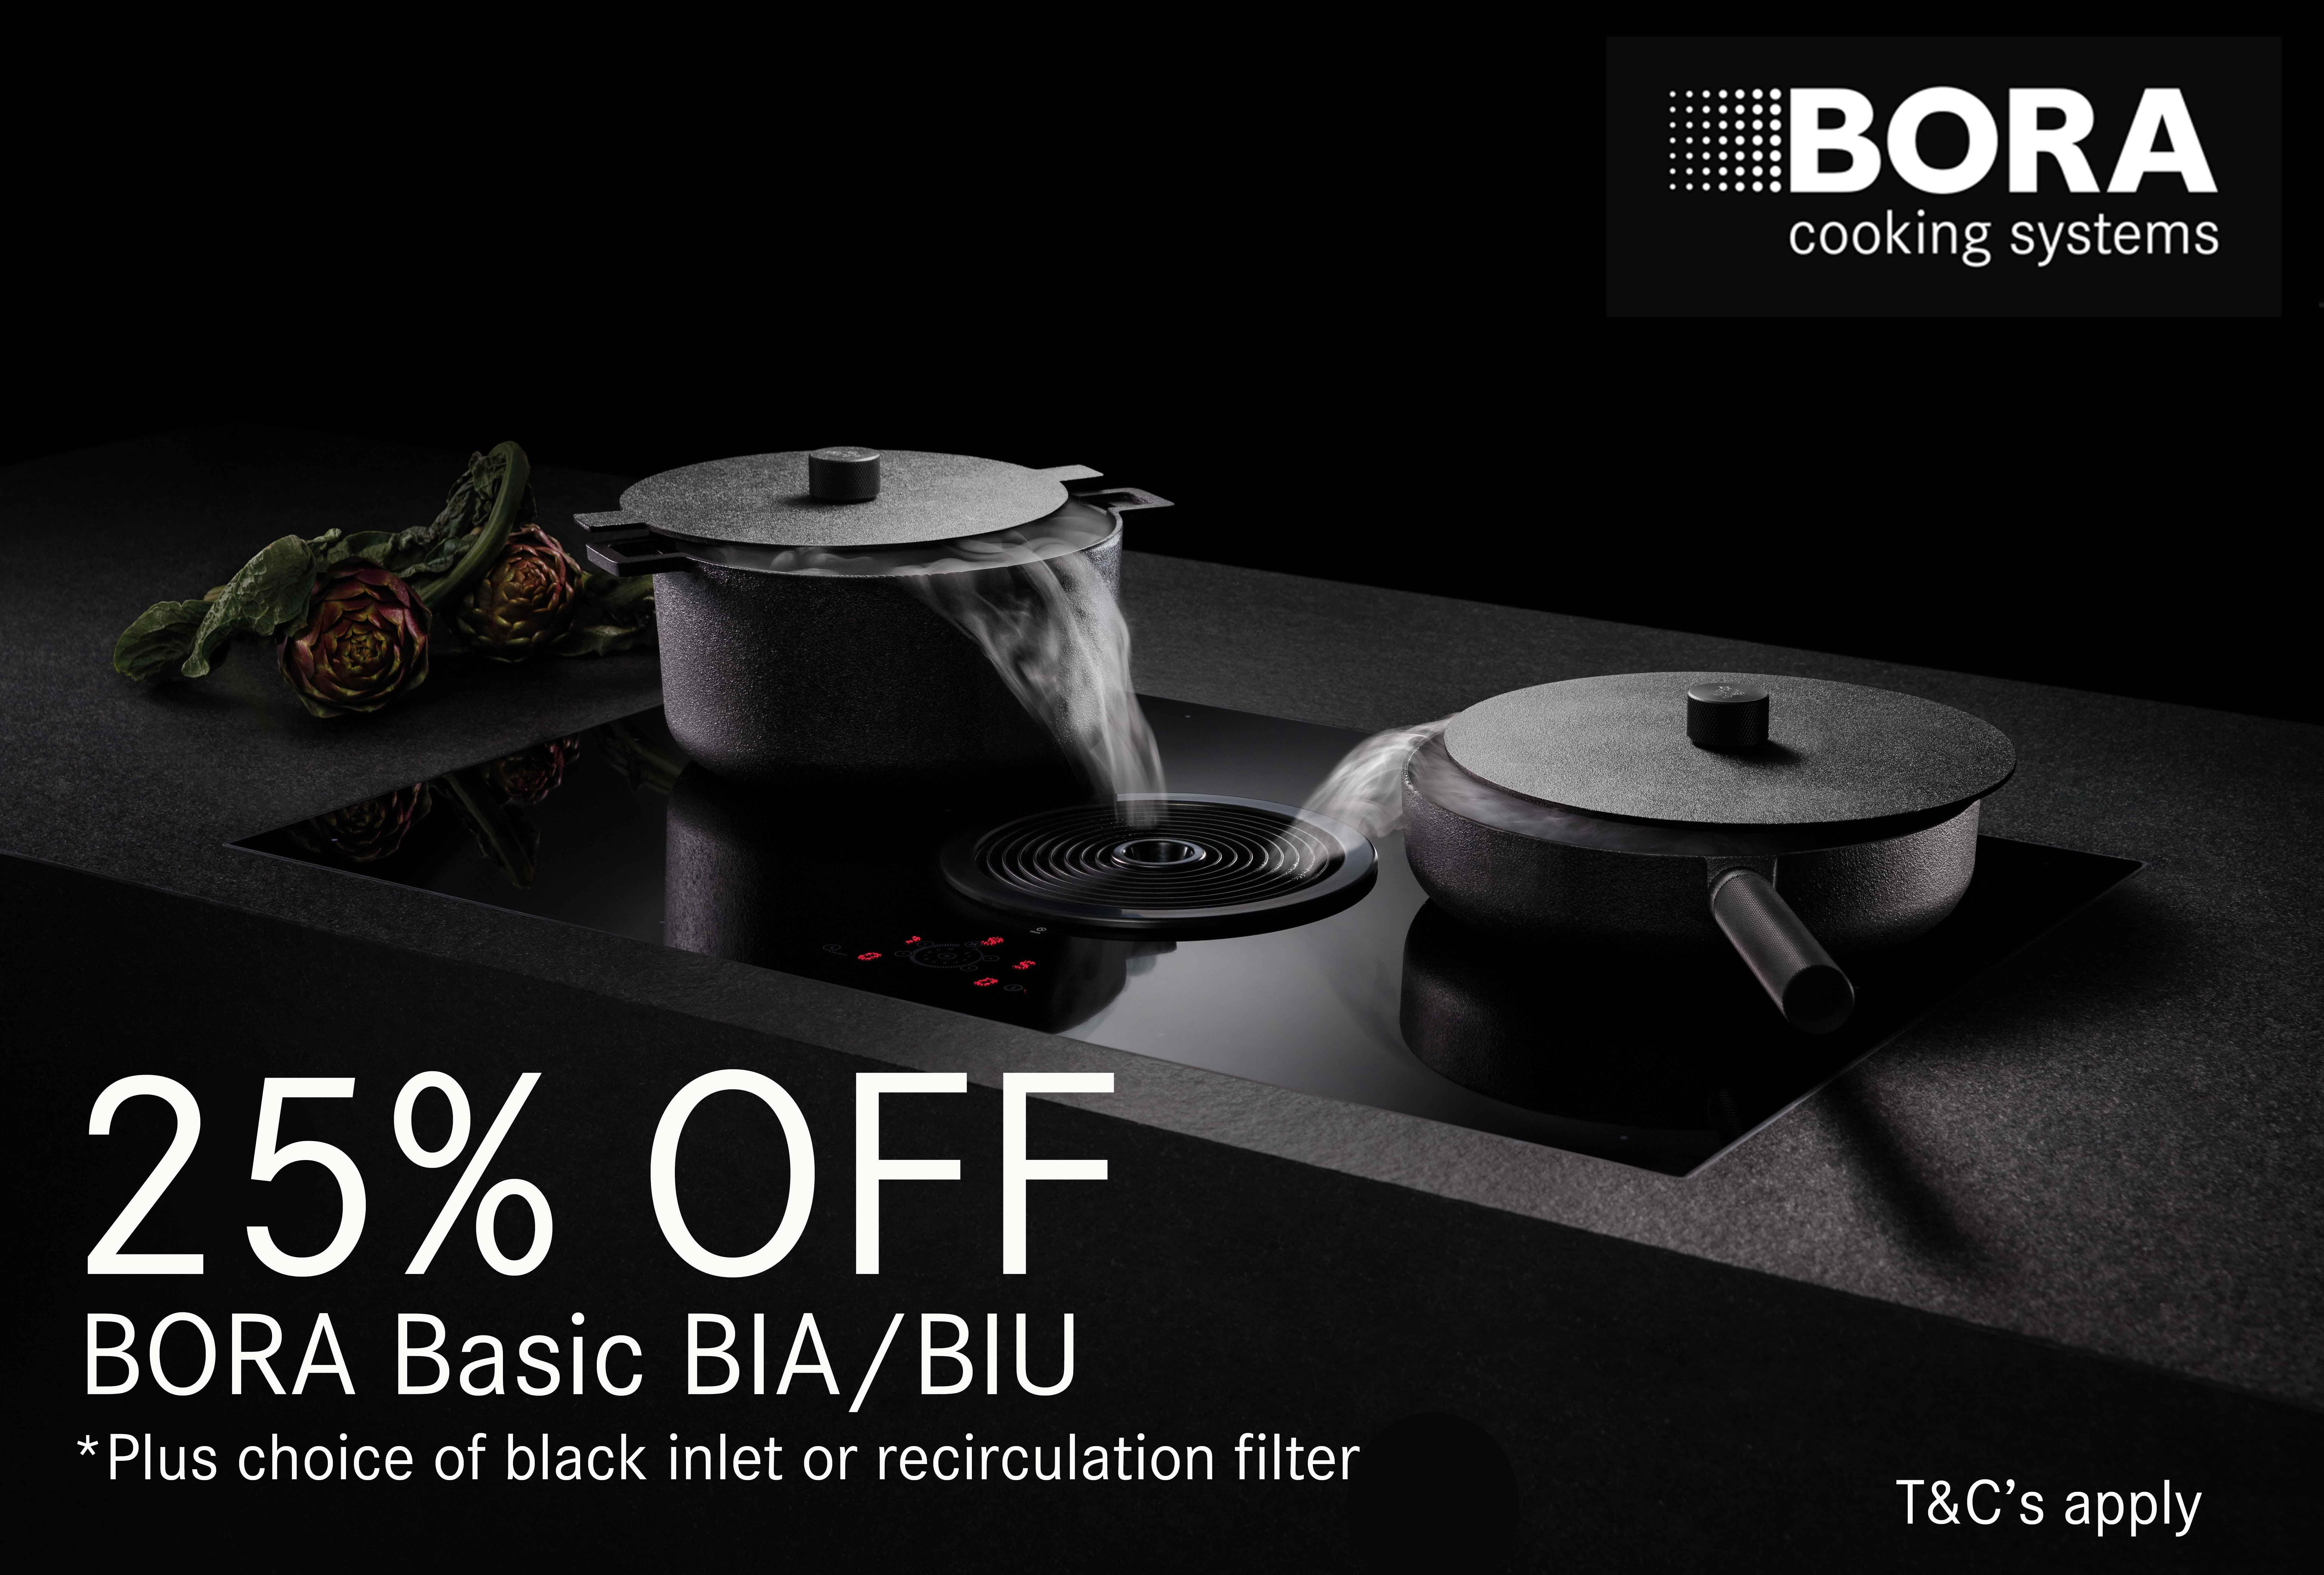 BORA Basic All Black September 2020 25% OFF